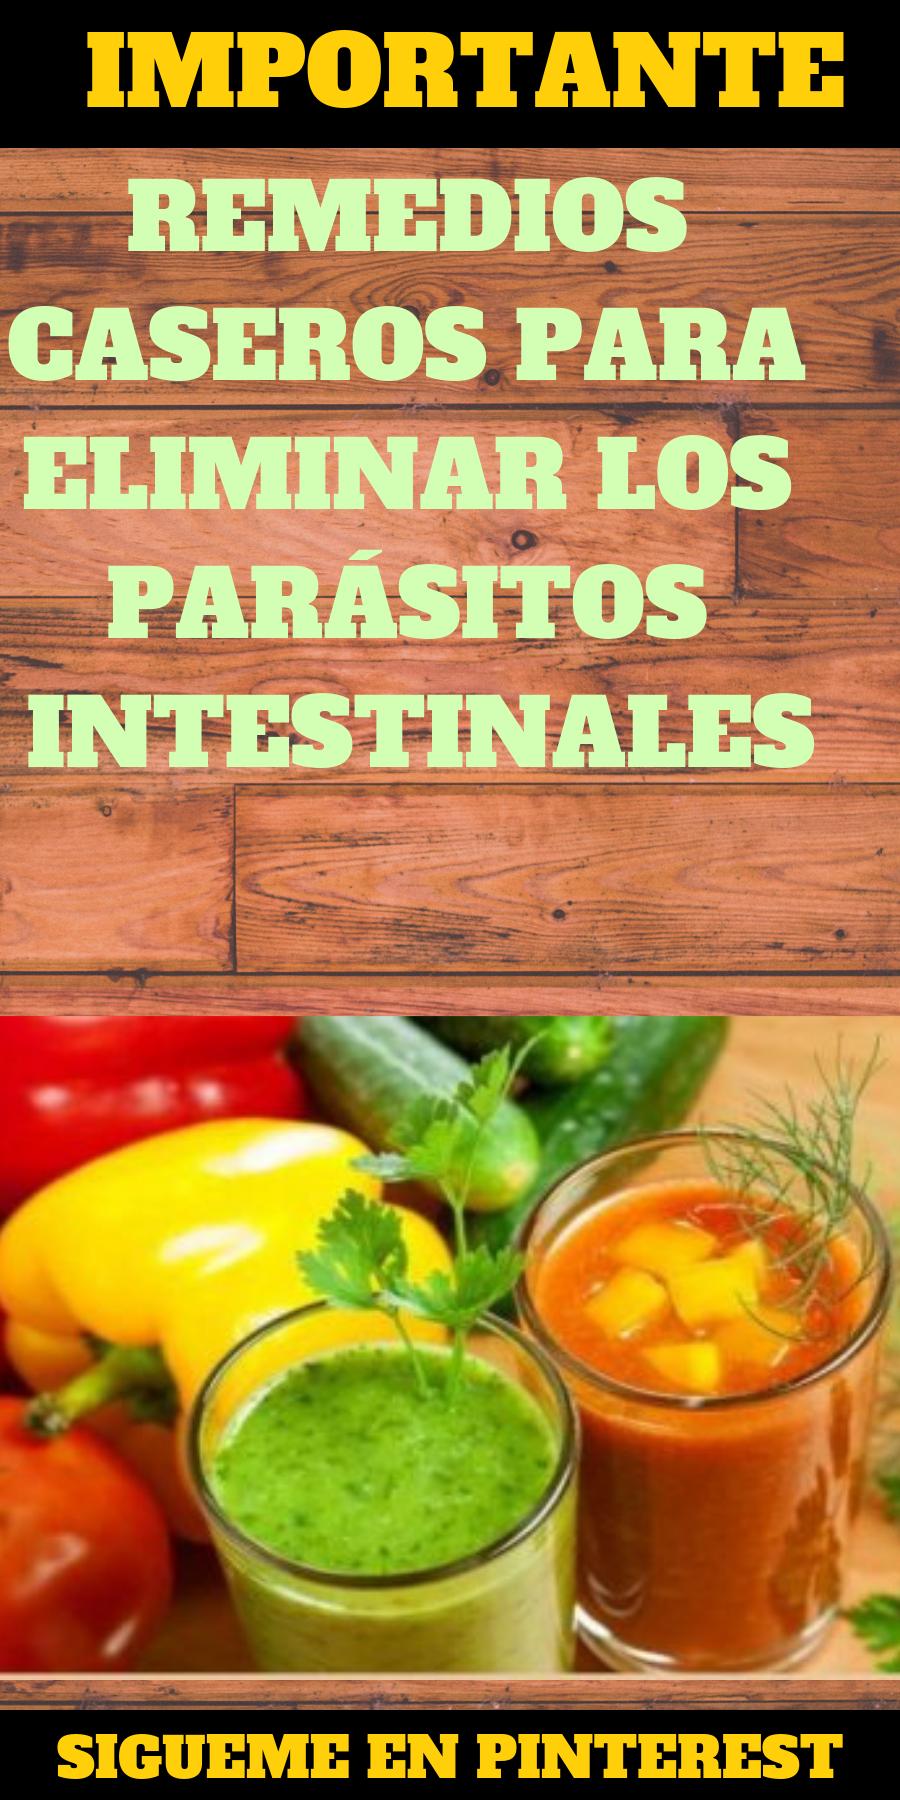 Tratamiento casero para parasitos en el estomago